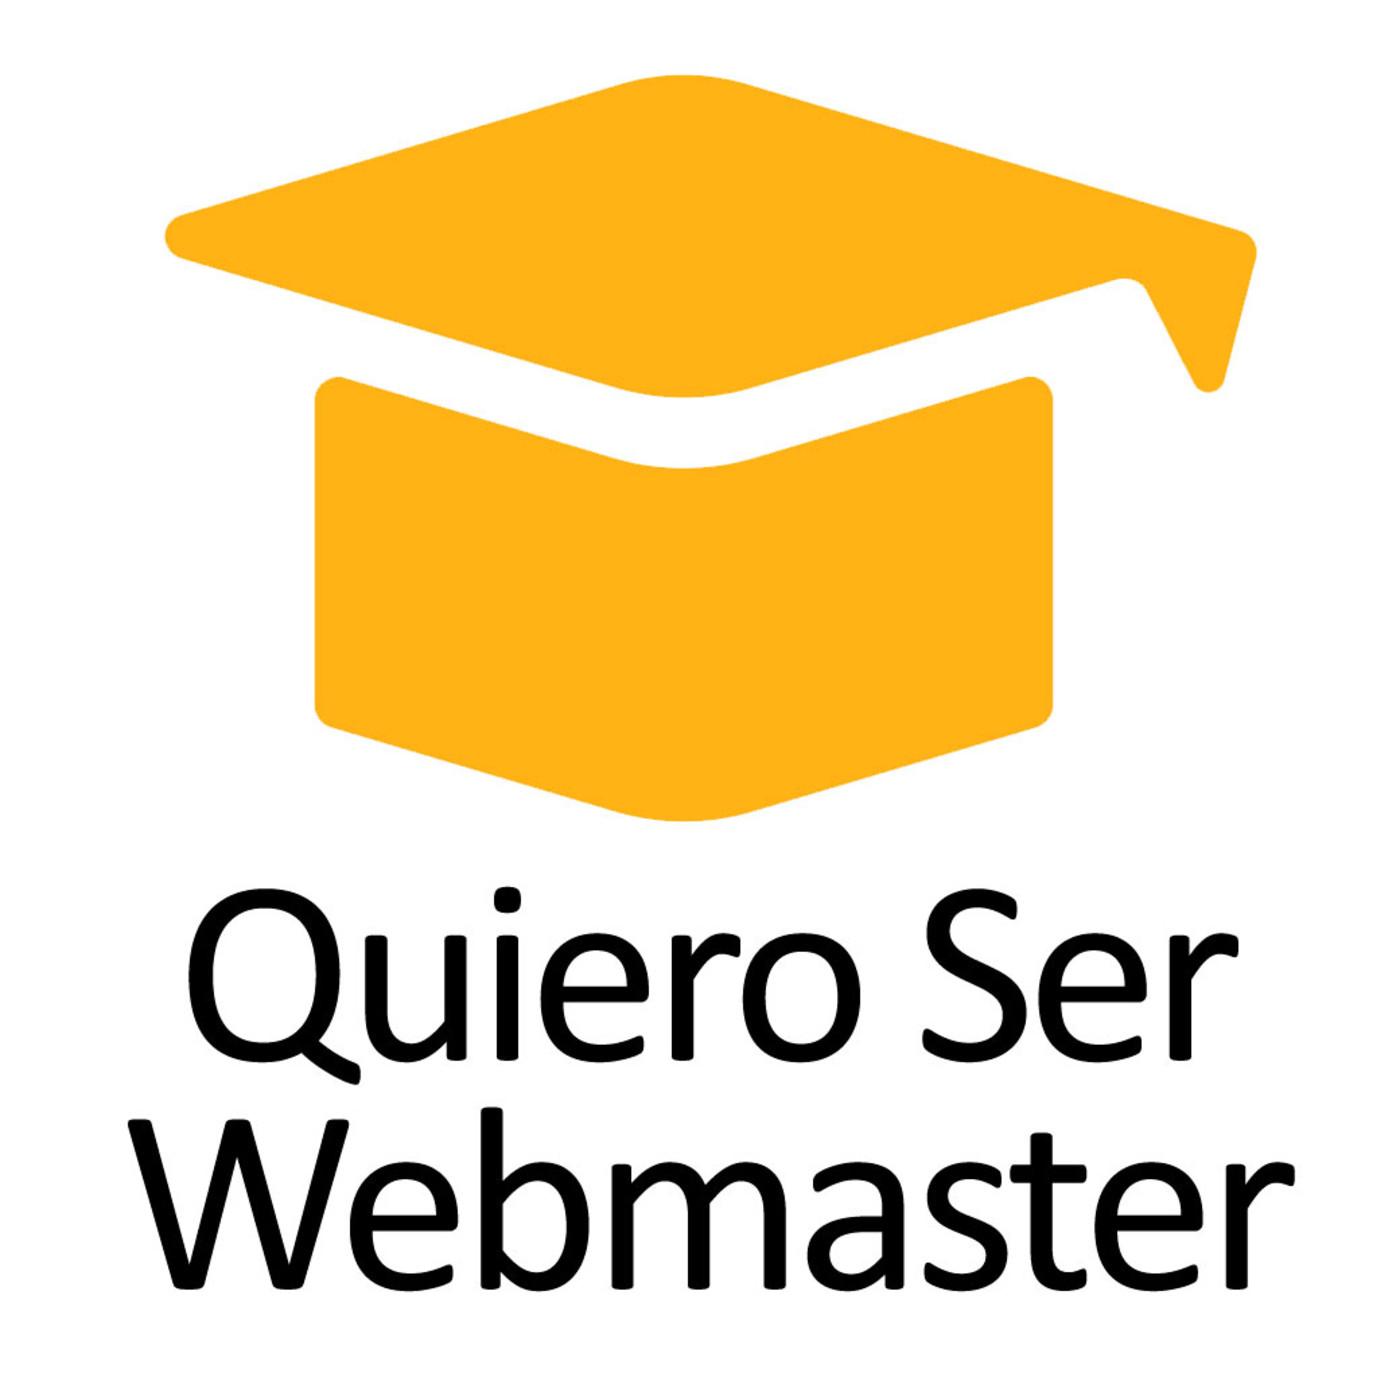 Quiero ser Webmaster